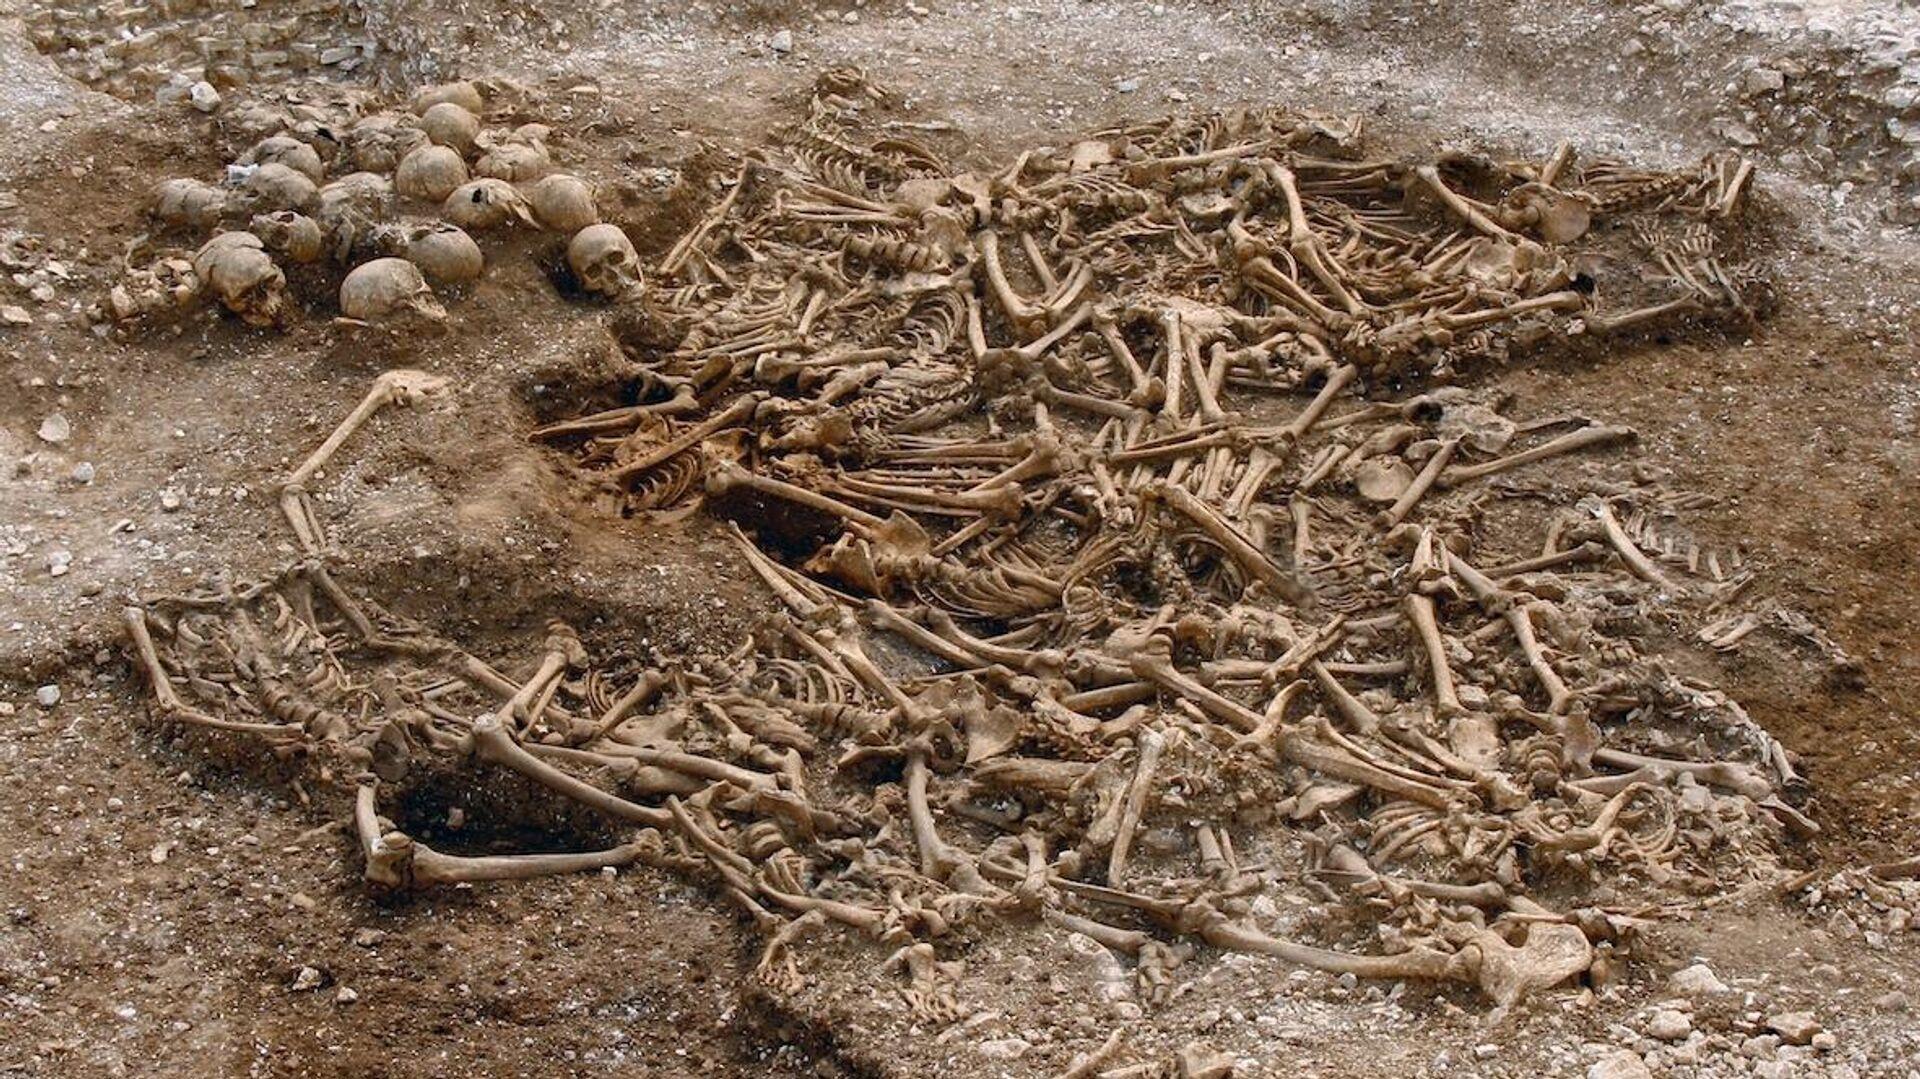 Братское захоронение пятидесяти обезглавленных викингов в в графстве Дорсет, Великобритания - РИА Новости, 1920, 16.09.2020